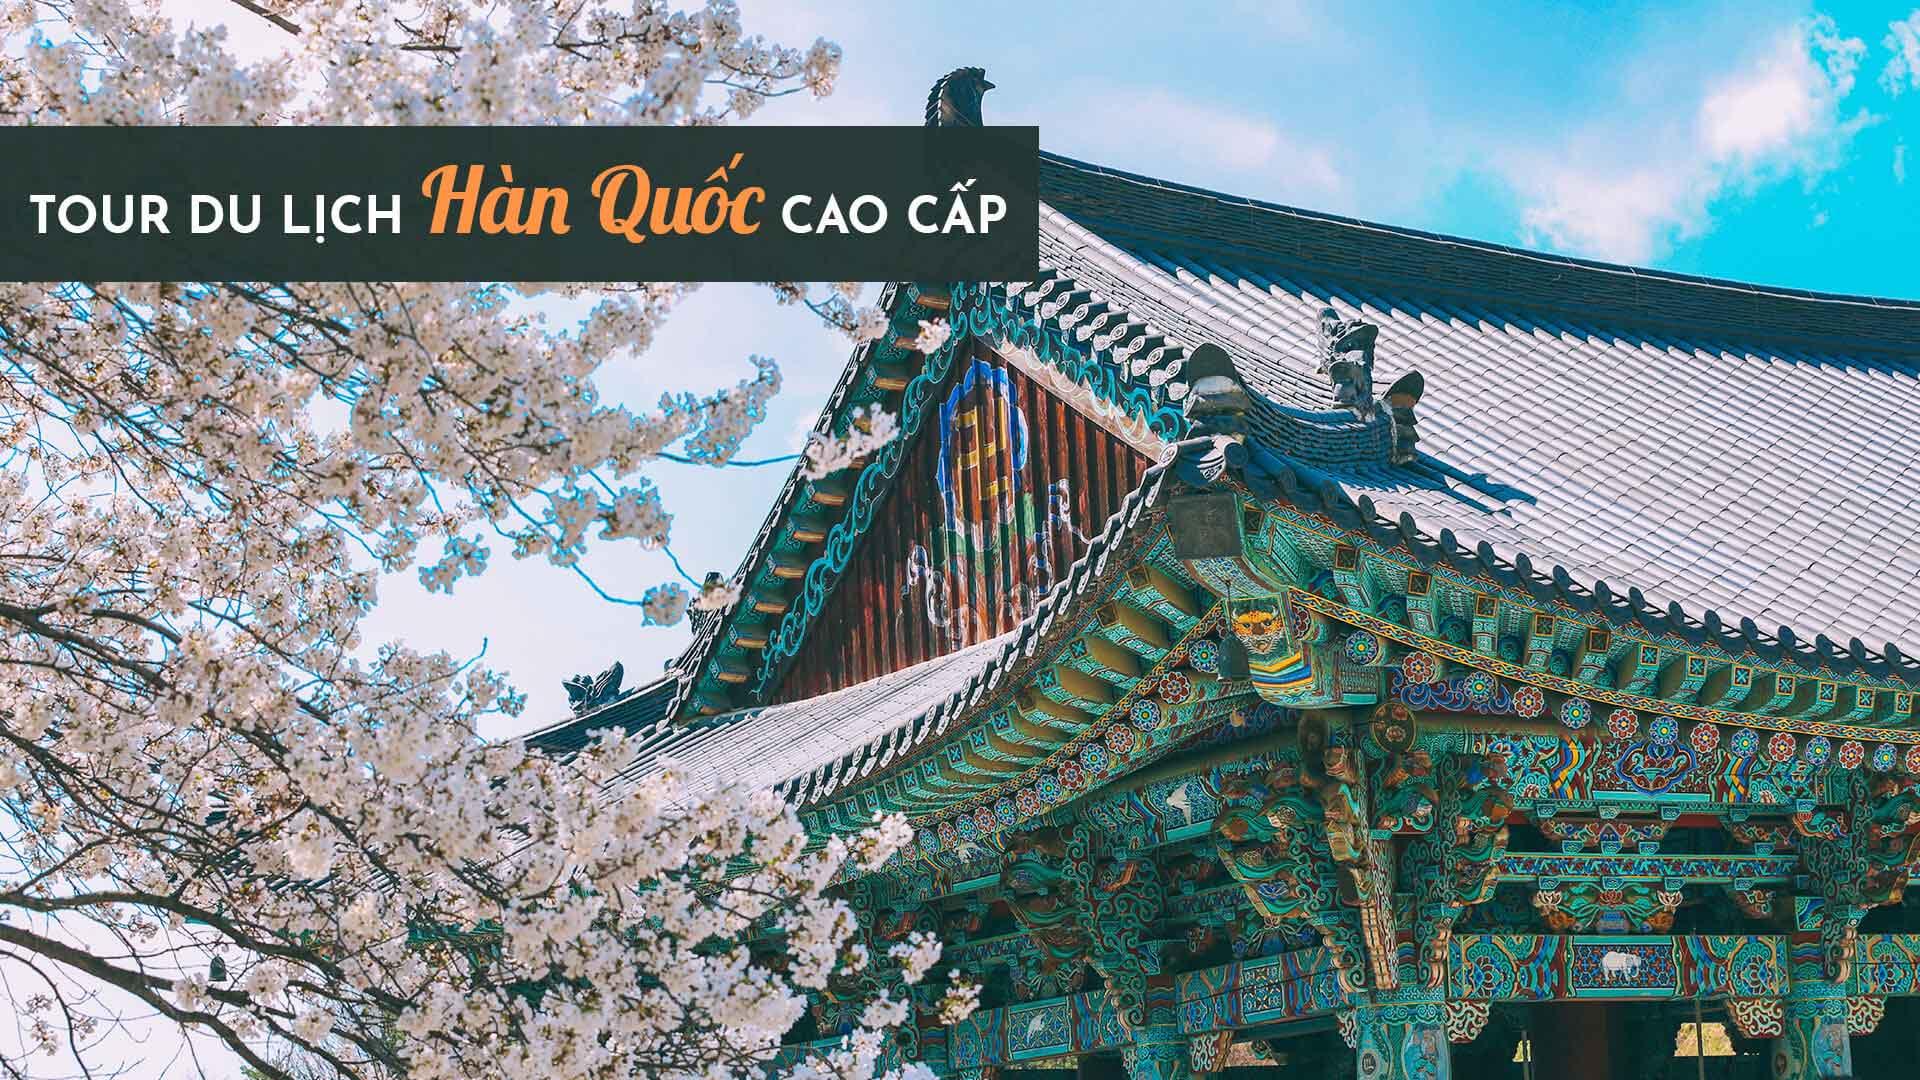 Tour du lịch Hàn Quốc cao cấp, dịch vụ chất lượng